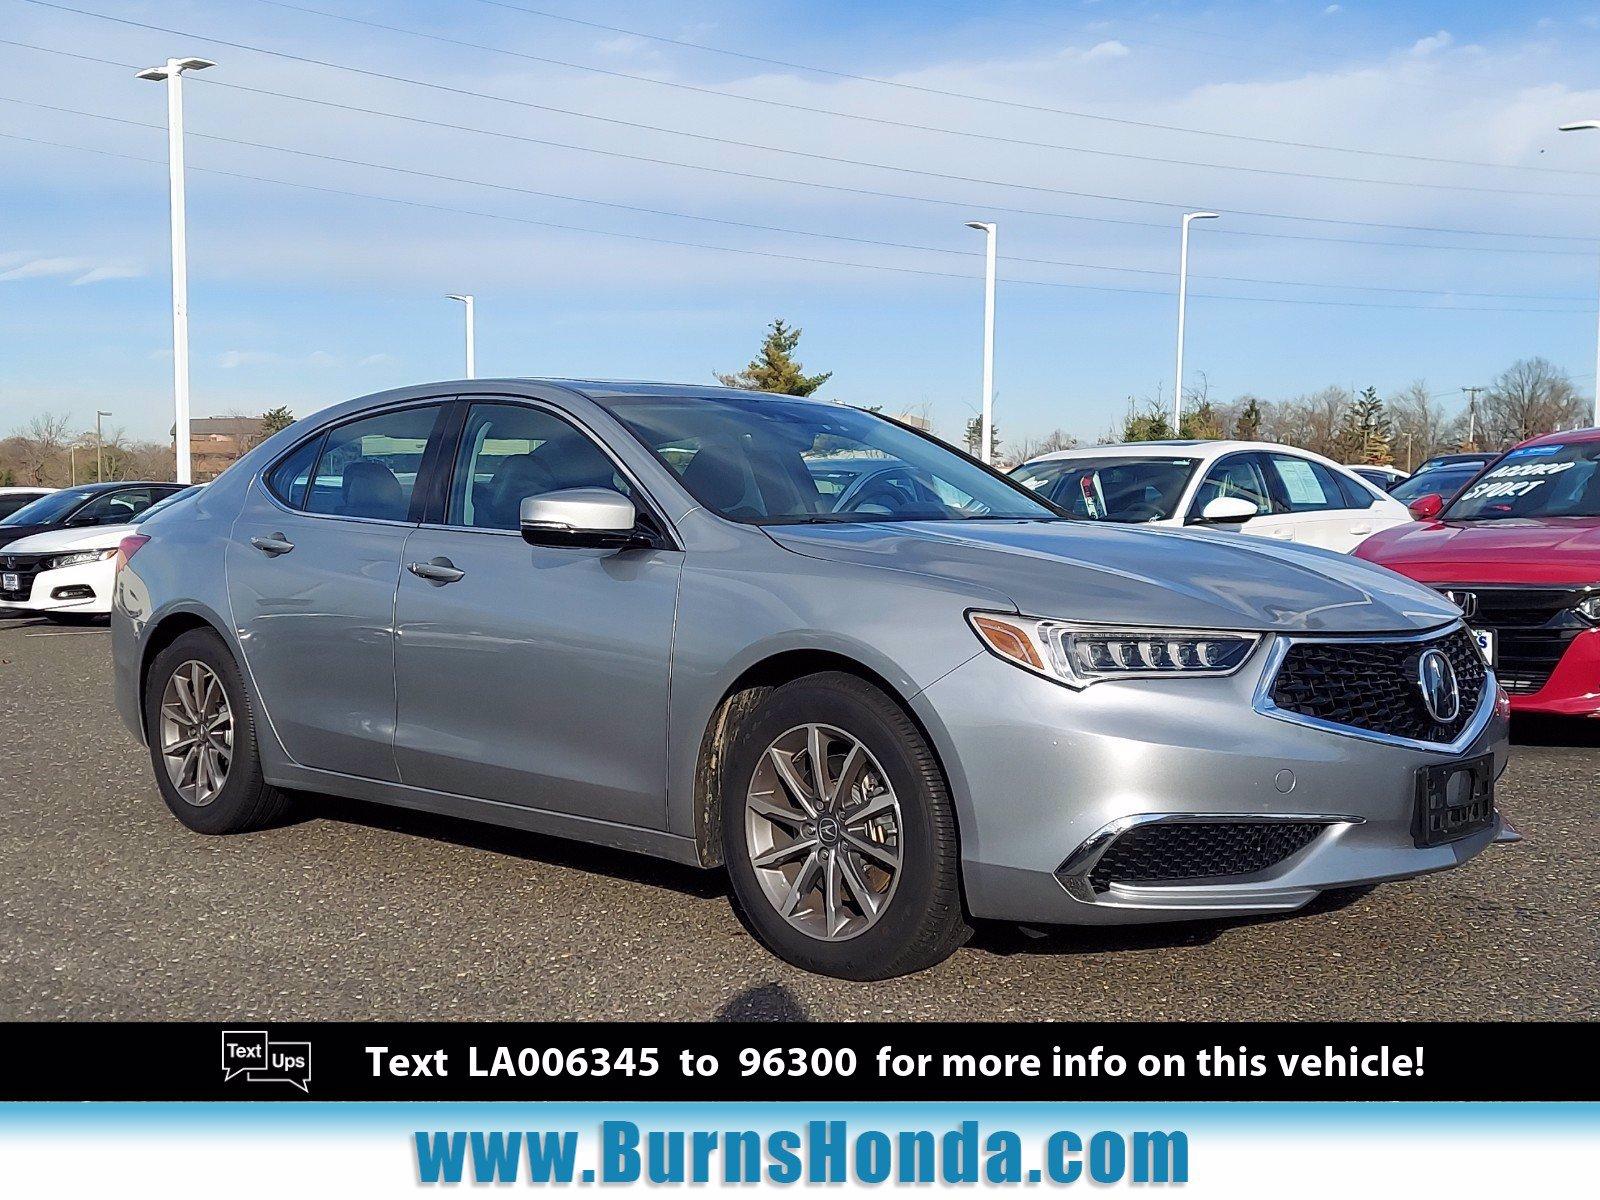 Used 2020 Acura Tlx For Sale At Burns Honda Vin 19uub1f51la006345